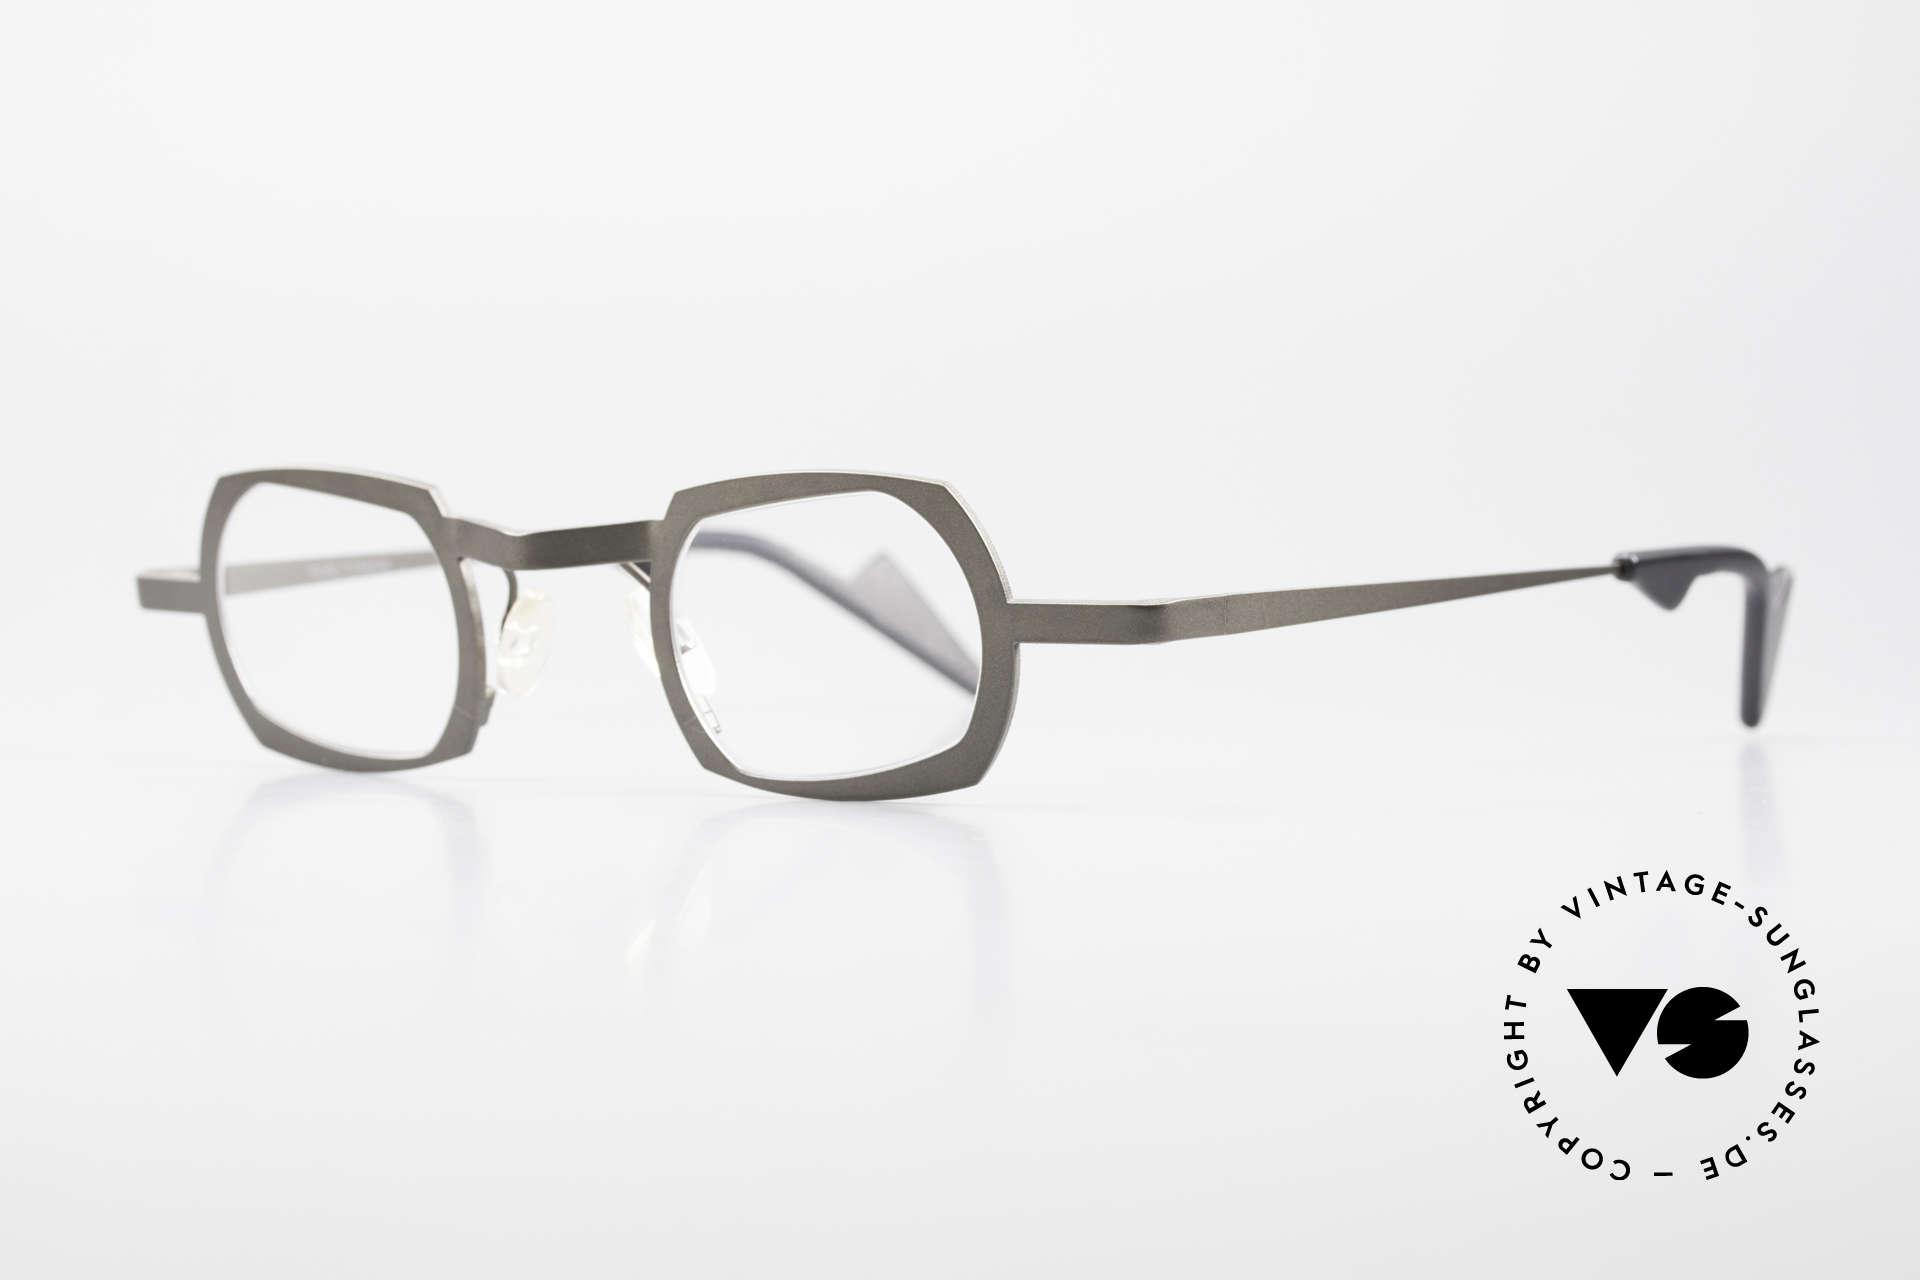 Theo Belgium Palm Beach Damen & Herren Titaniumbrille, erstklassige Qualität (Titanium) in einem Dunkelgrau, Passend für Herren und Damen